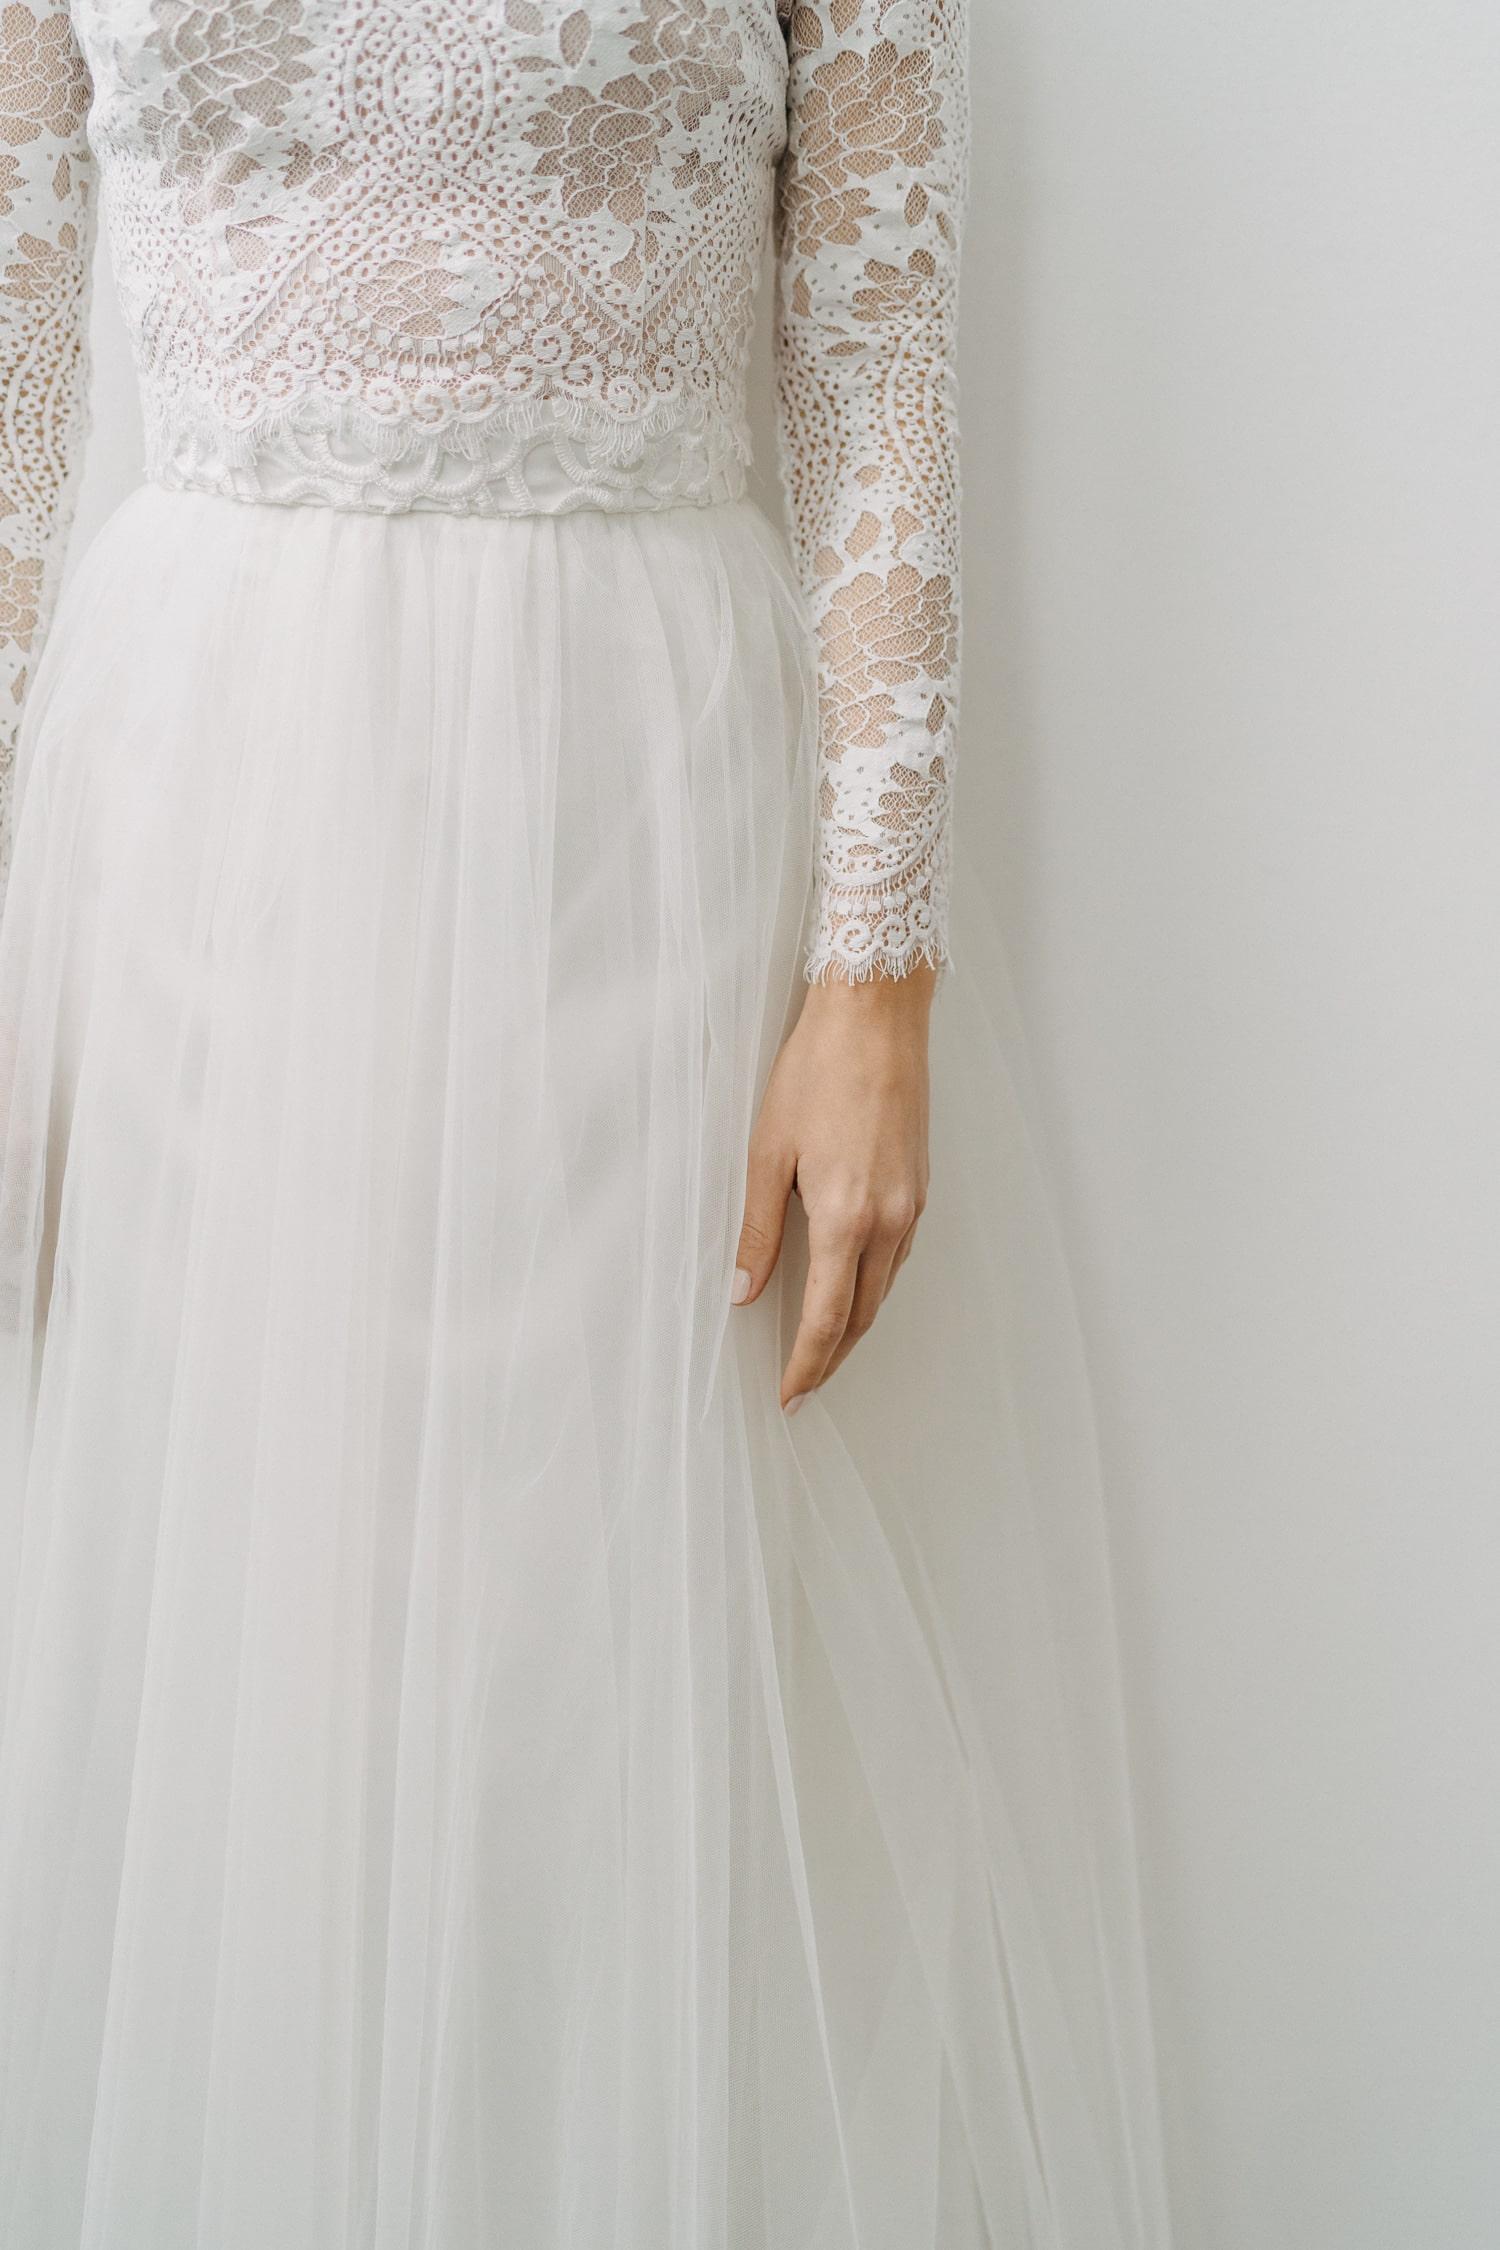 Brautkleid mit Tüllrock – gesehen bei frauimmer-herrewig.de